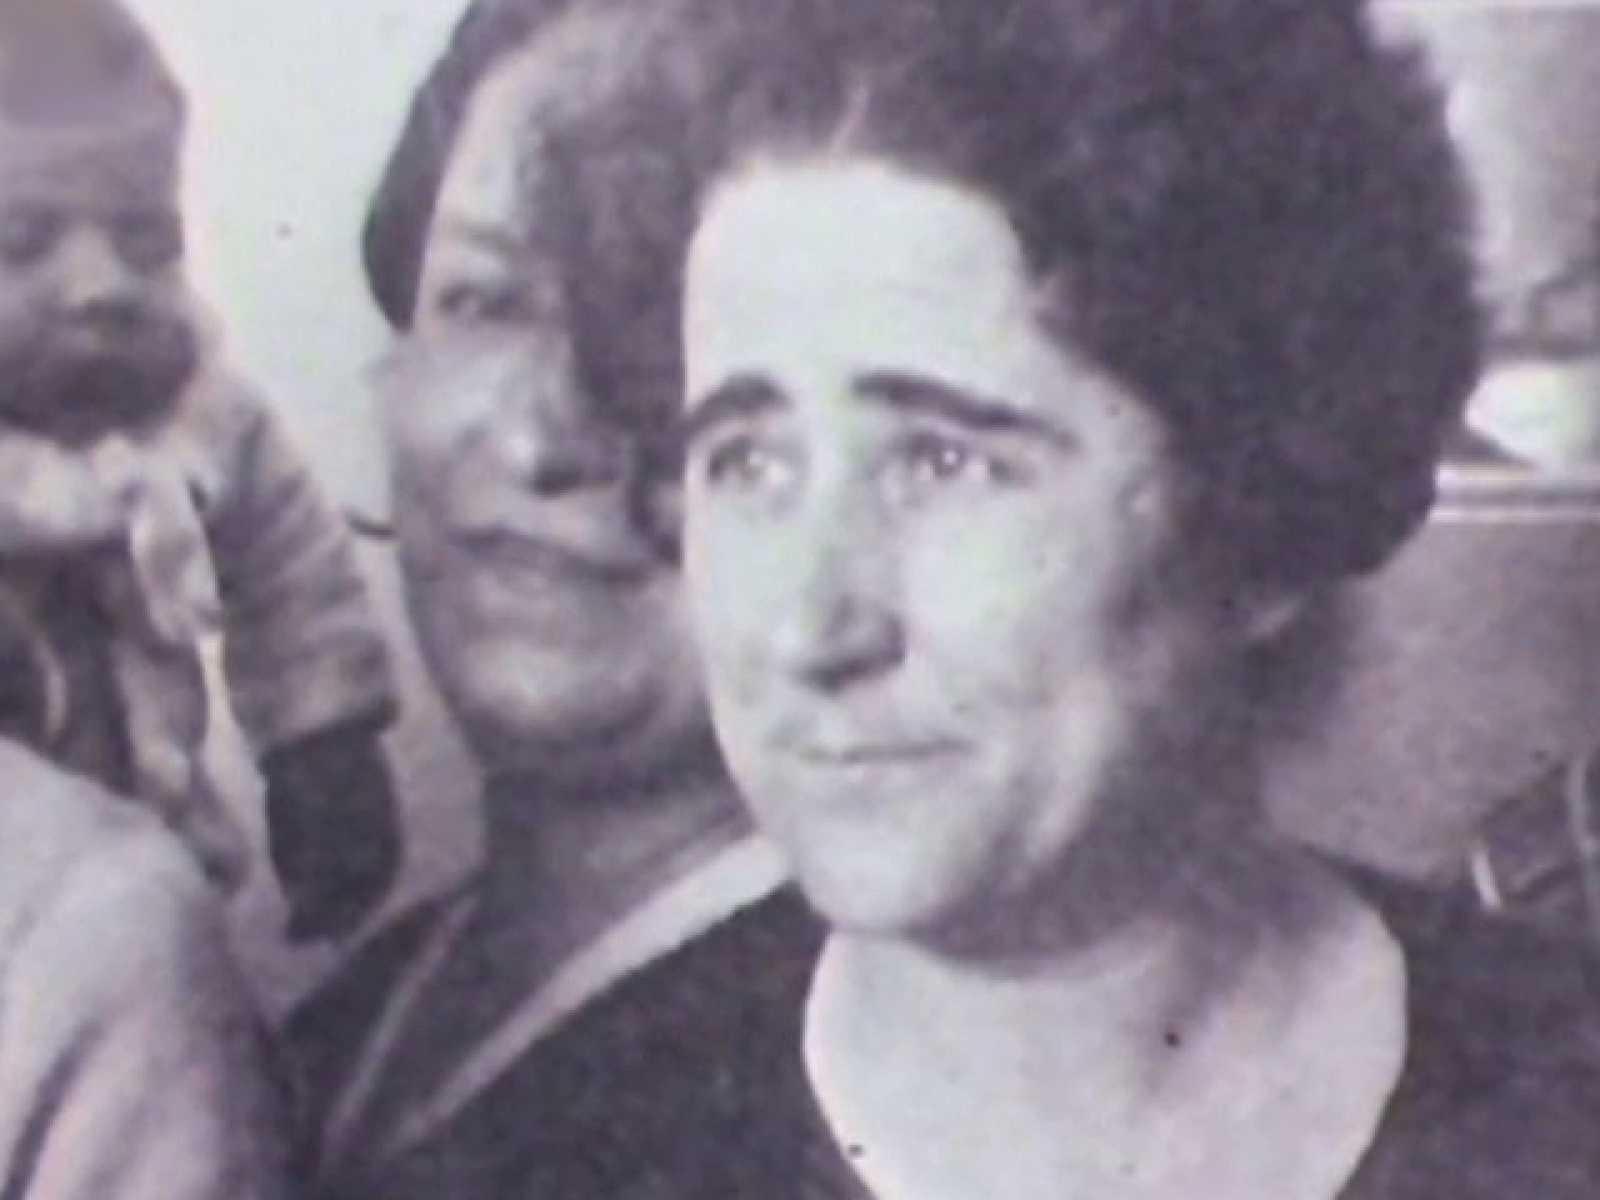 La voz de Clara Campoamor sigue retumbando en nombre de las mujeres